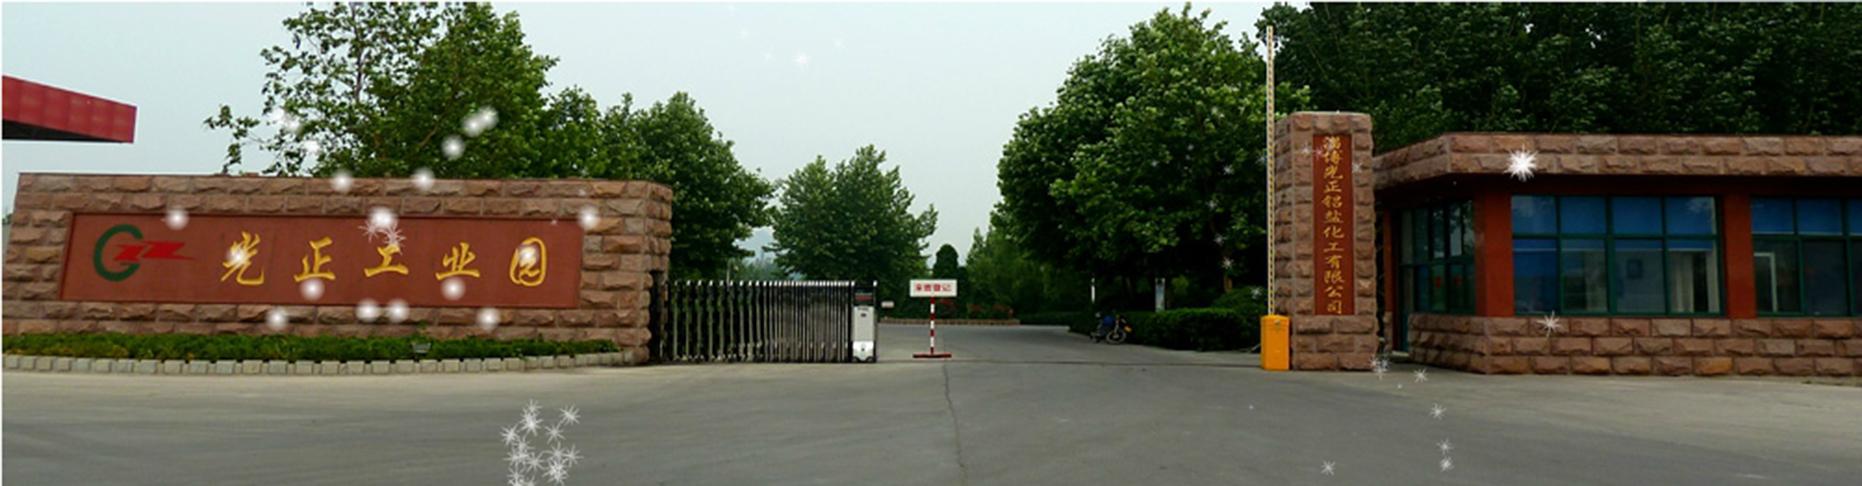 硫酸铝厂家,工业硫酸铝,硫酸铝铵价格